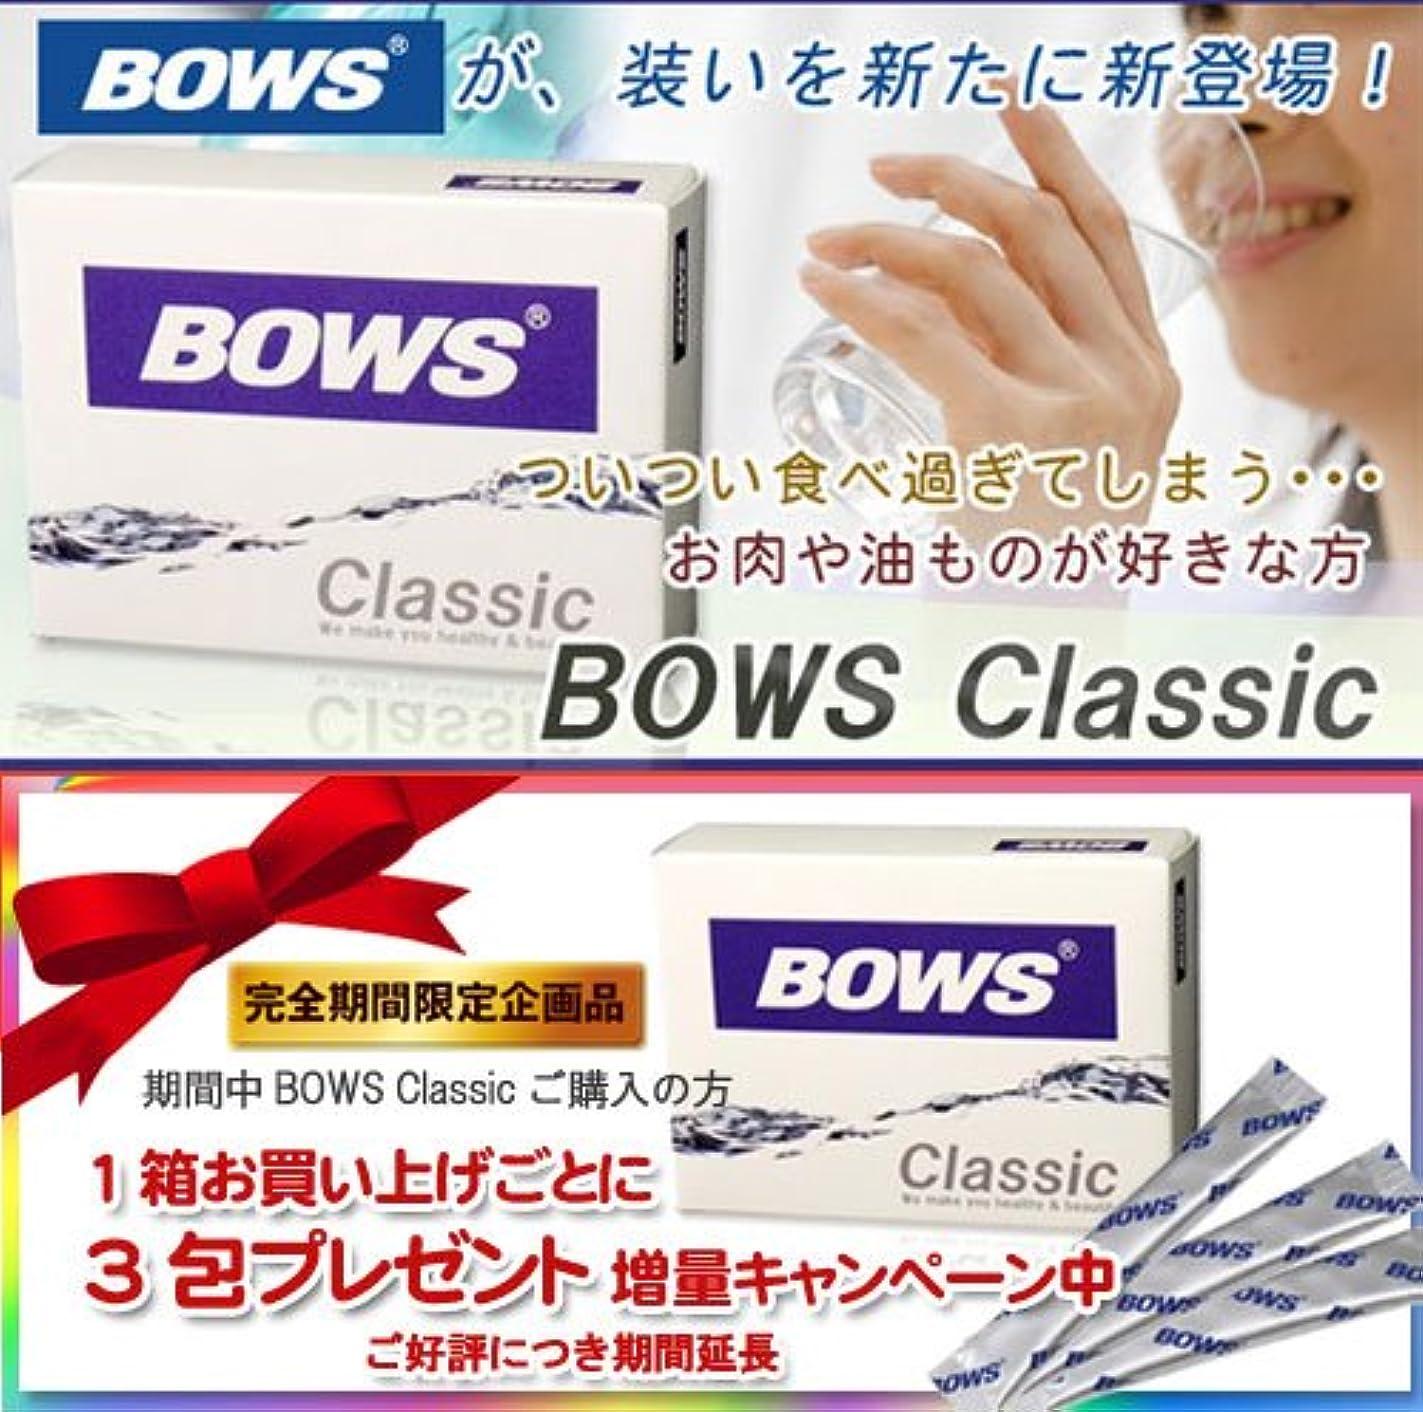 かなりのホラー一部BOWS Classic (ボウス クラシック)  30包+3包増量版 12個セット